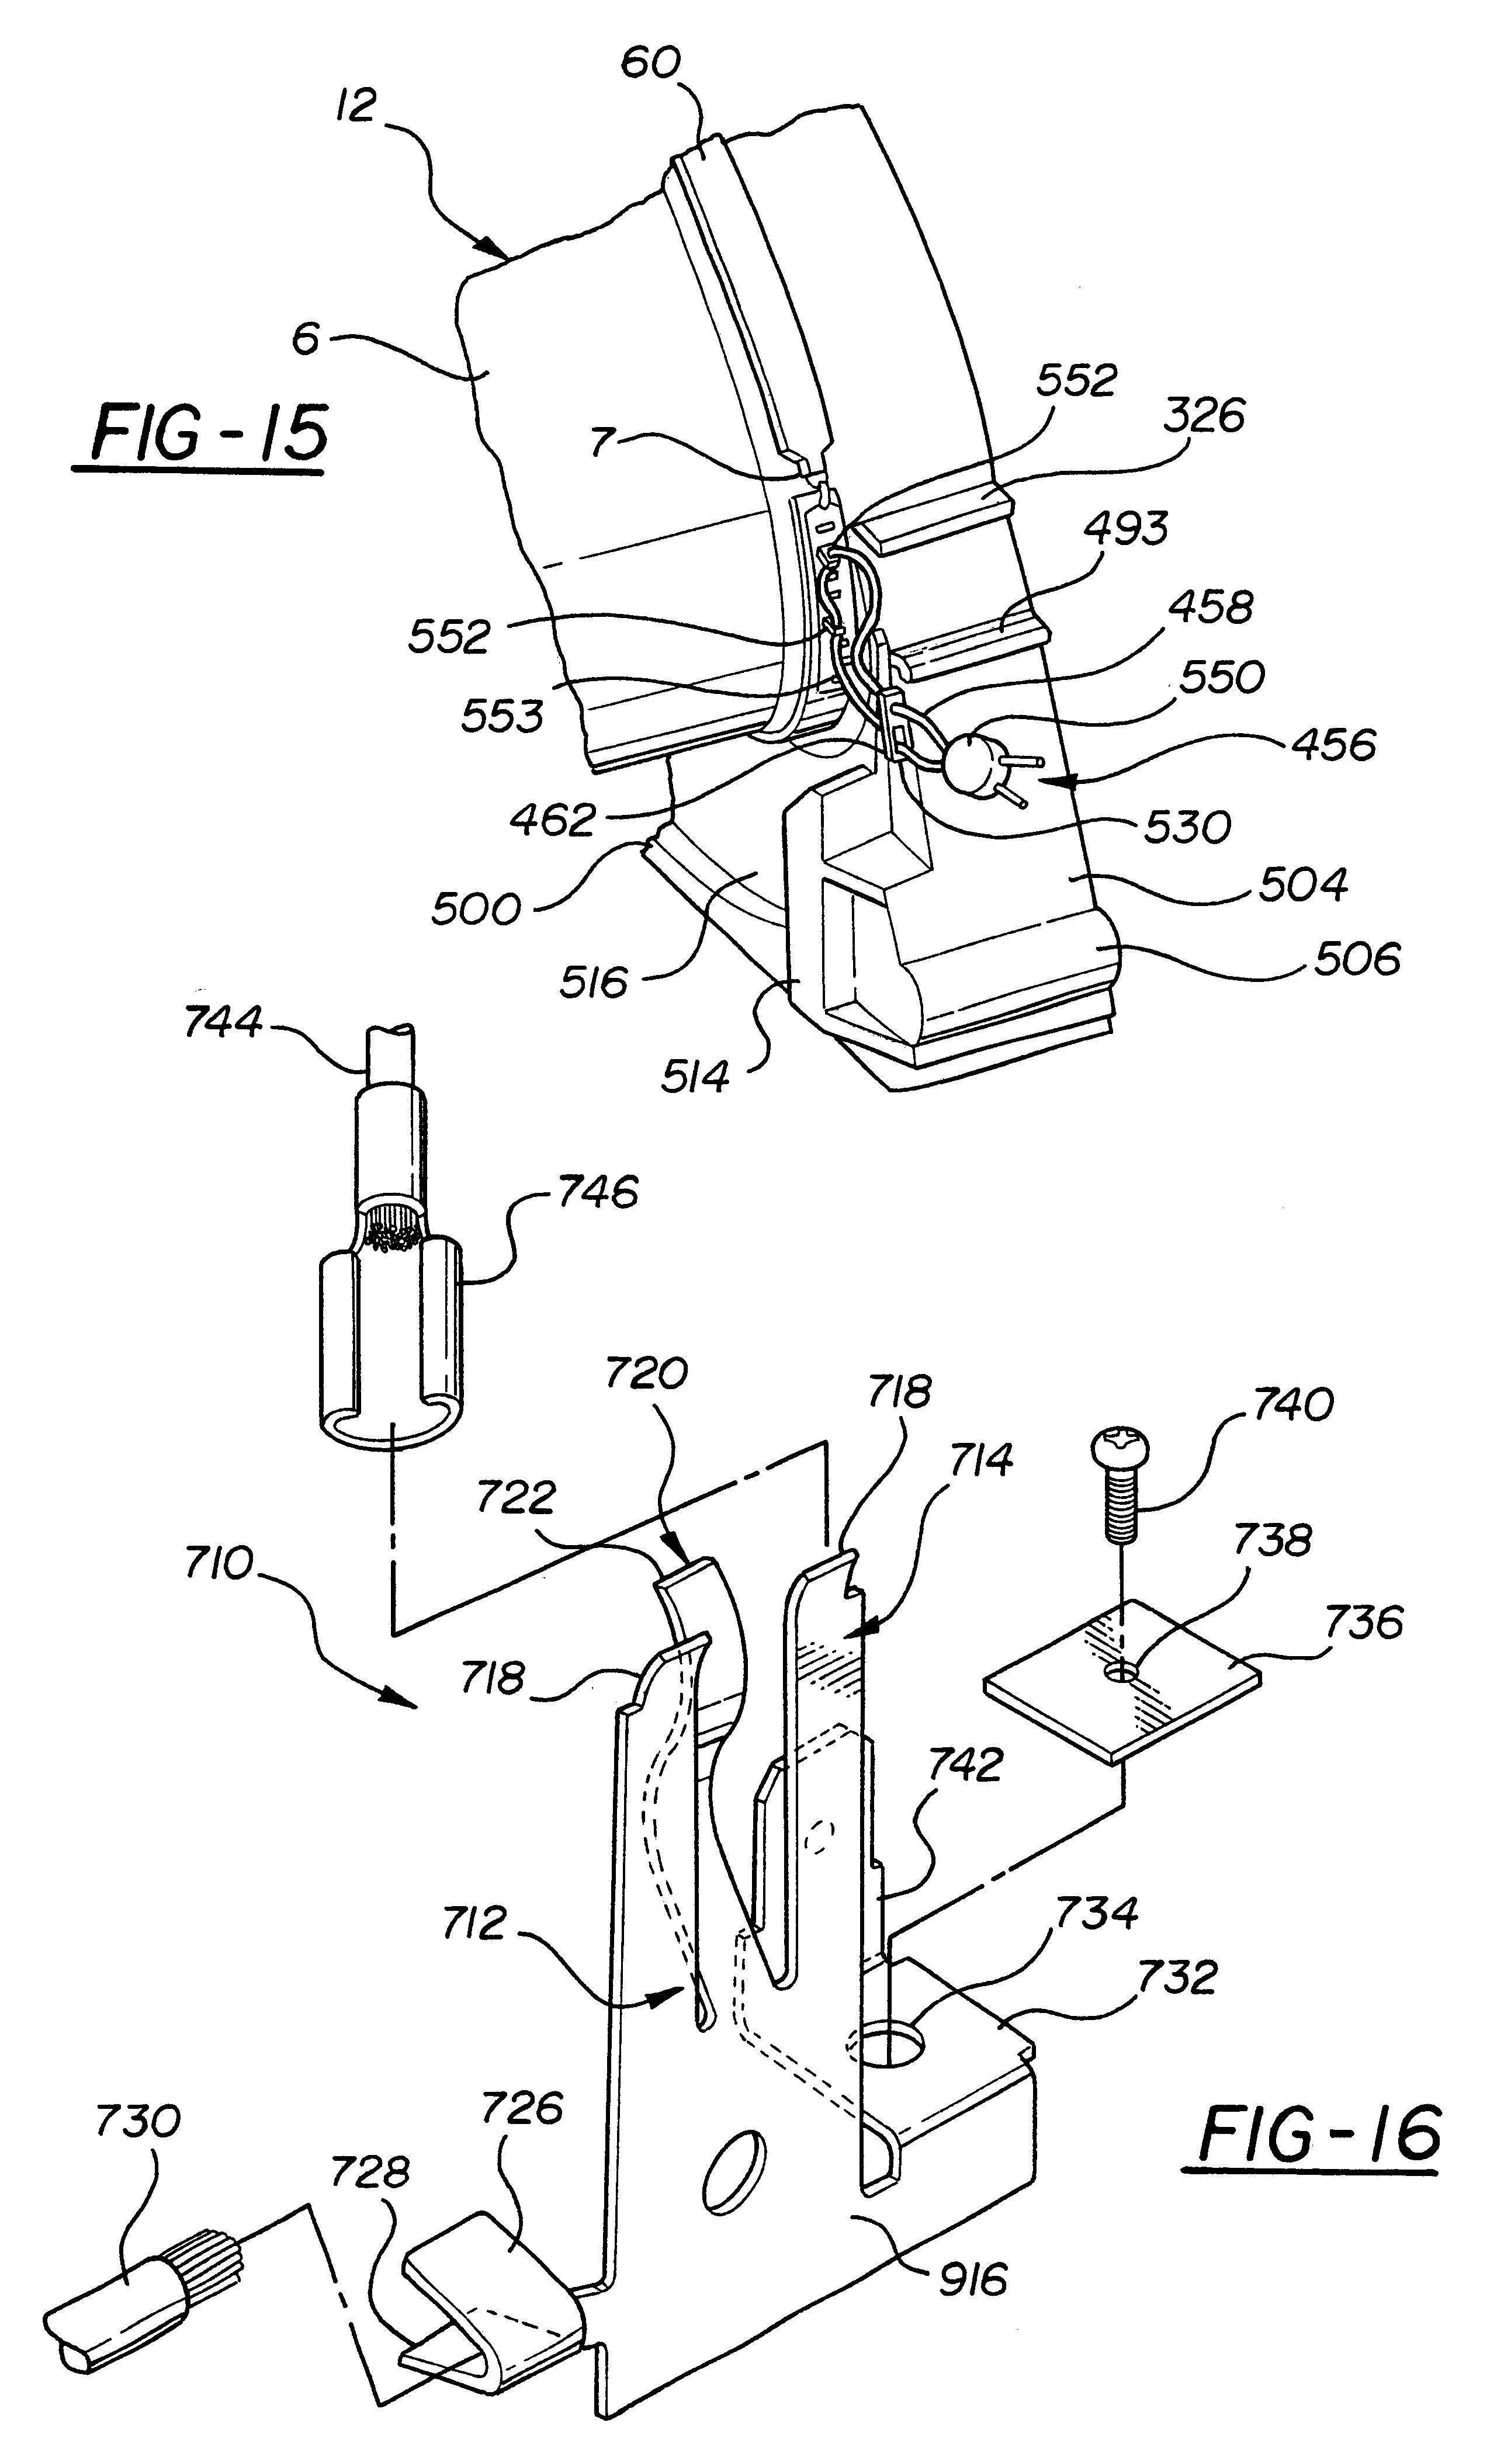 A Meter Socket Wiring